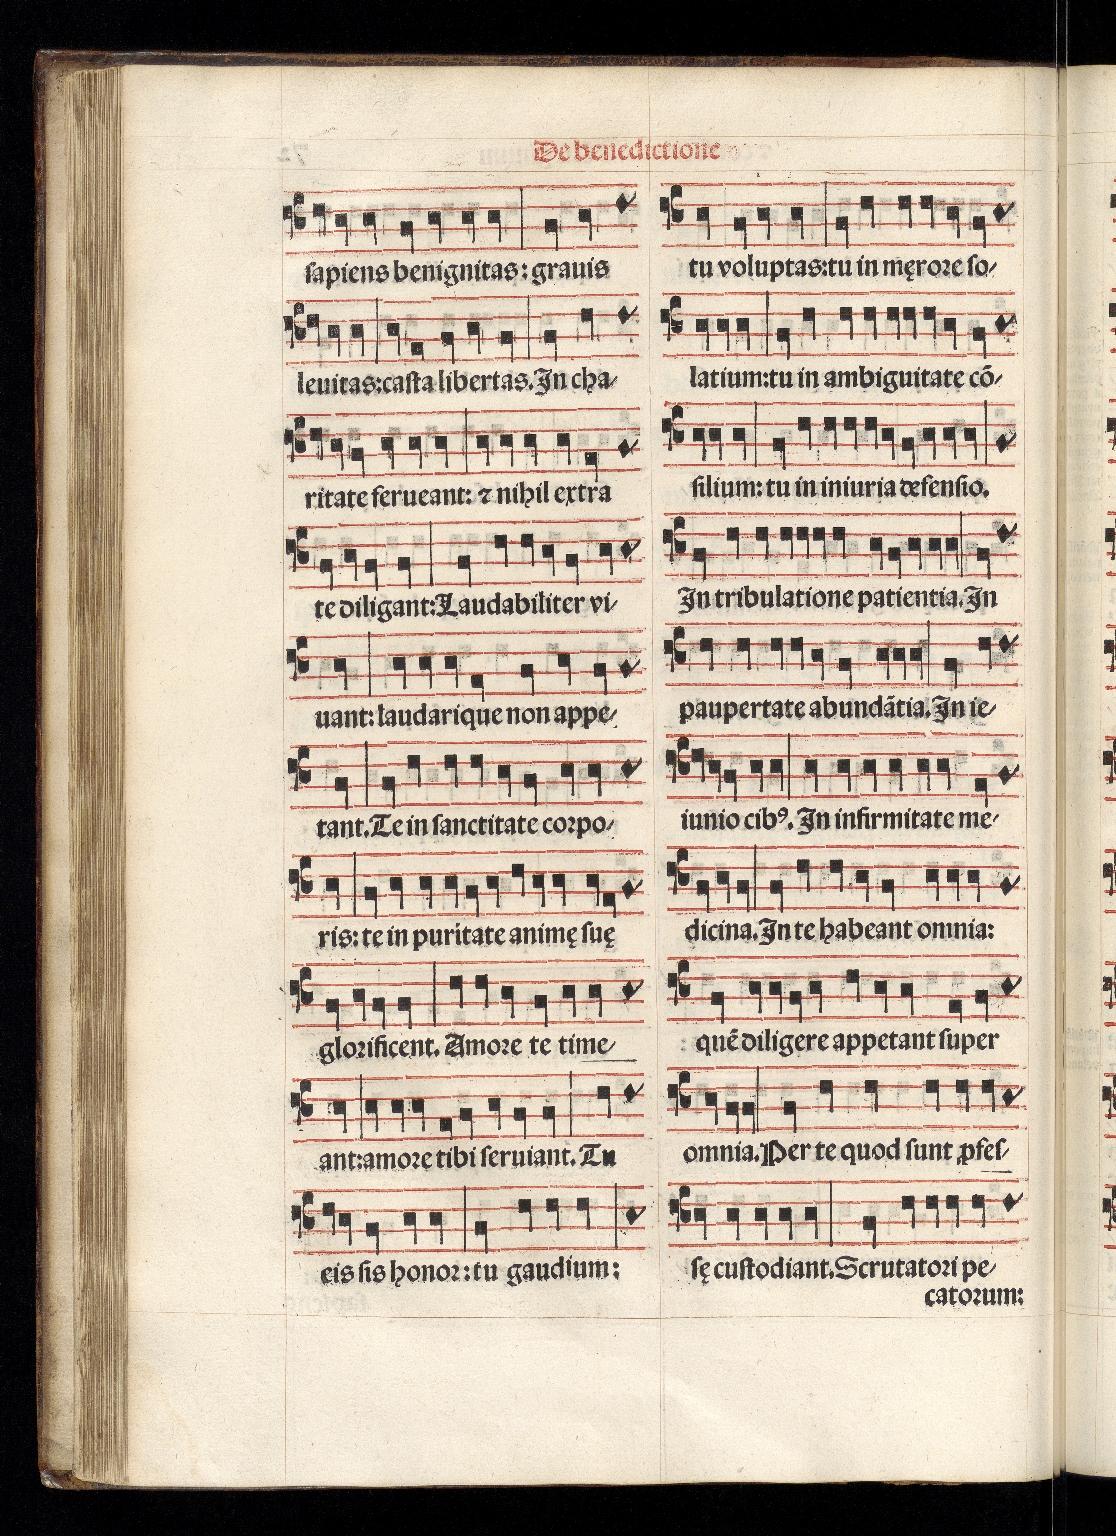 Pontificale Romanum, f.72v